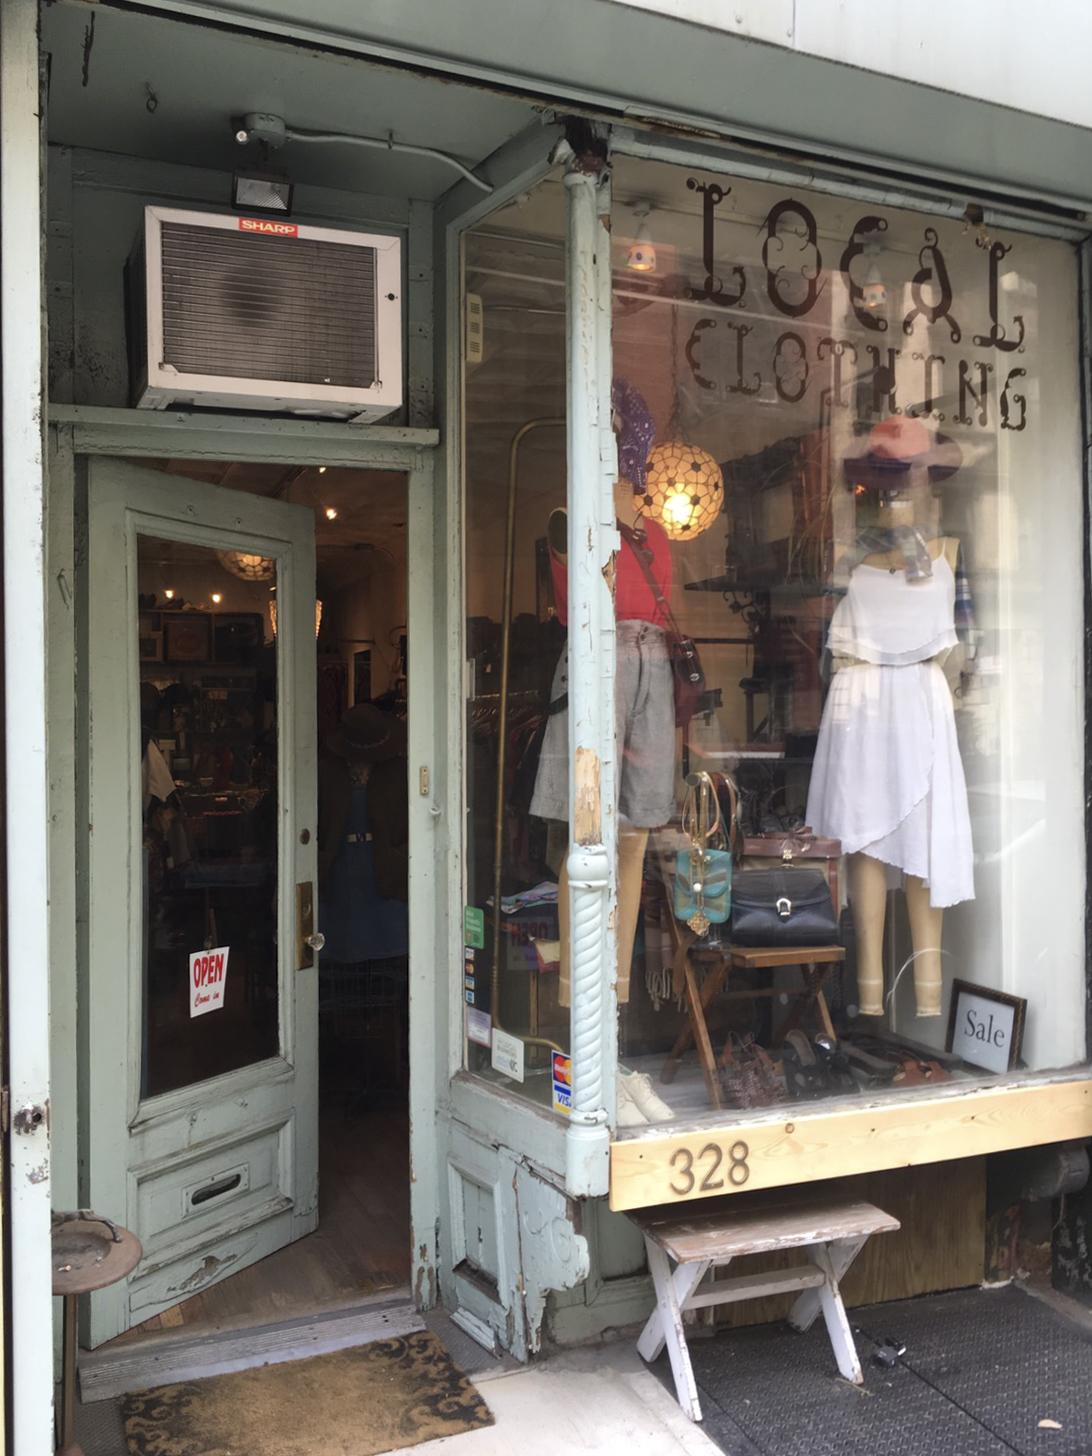 Local Clothing_NY_1